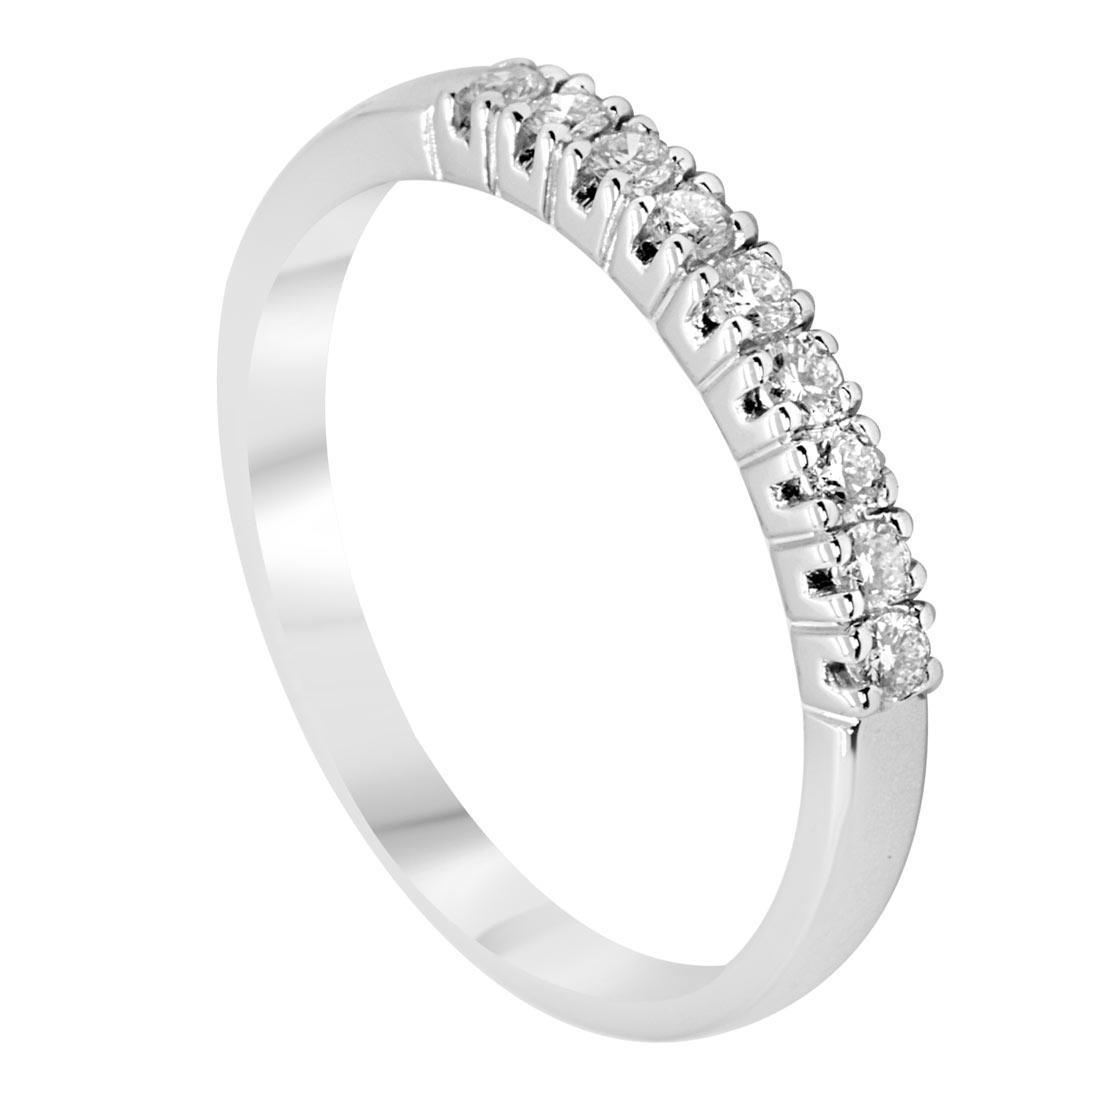 Anello veretta 9 pietre con diamanti, mis 14 - ALFIERI & ST. JOHN